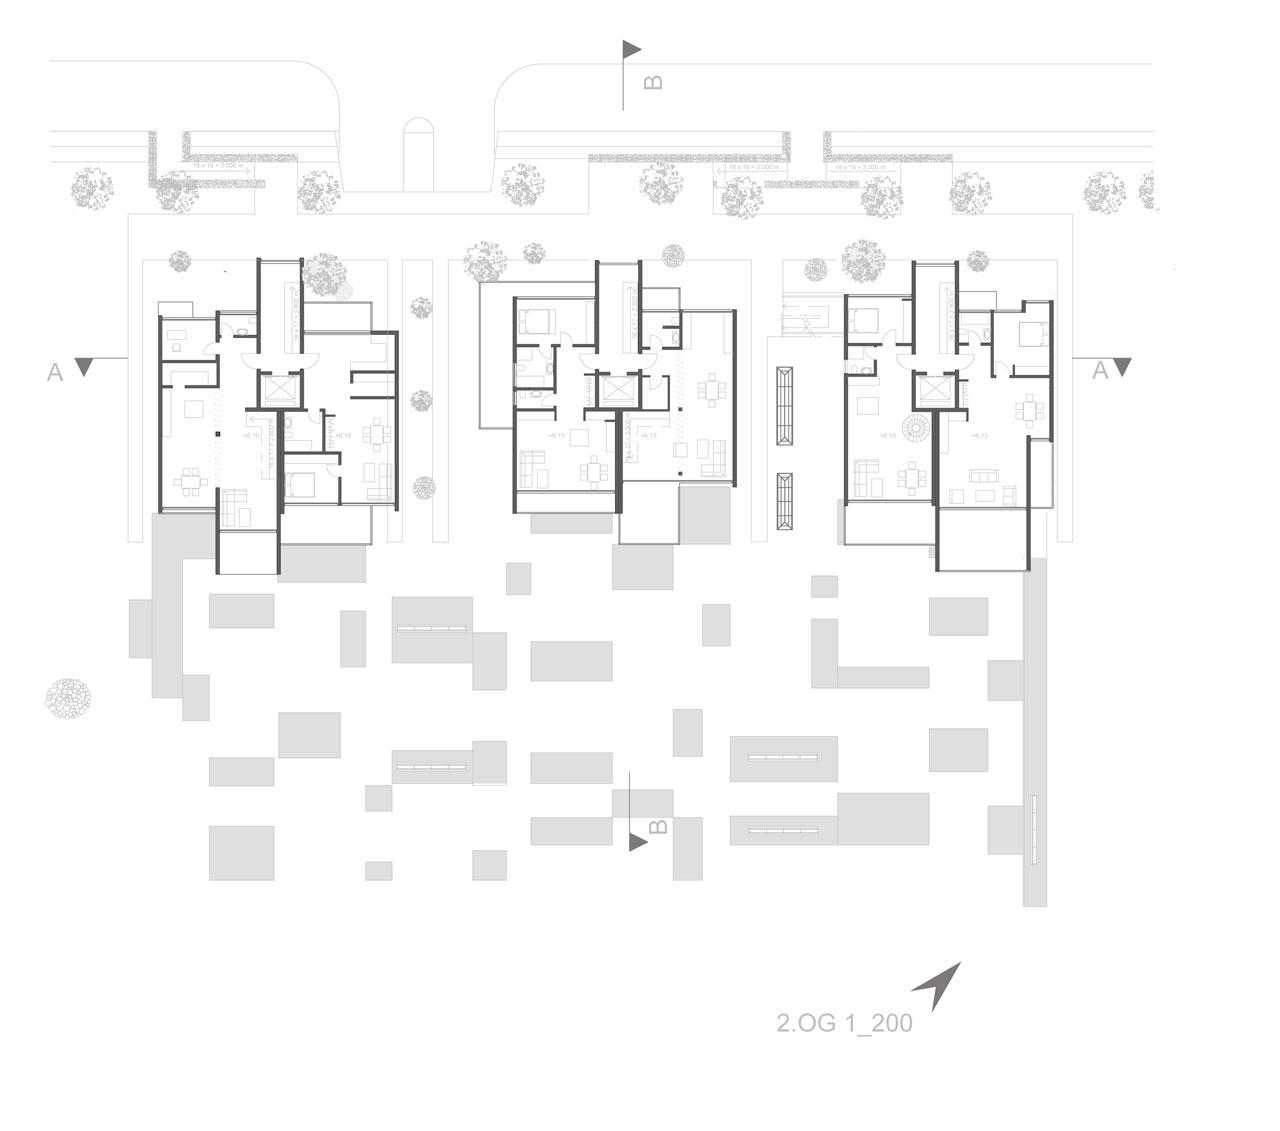 Das pendant aros aarhus abschlussarbeit ws0910 lab42 for Universitat architektur